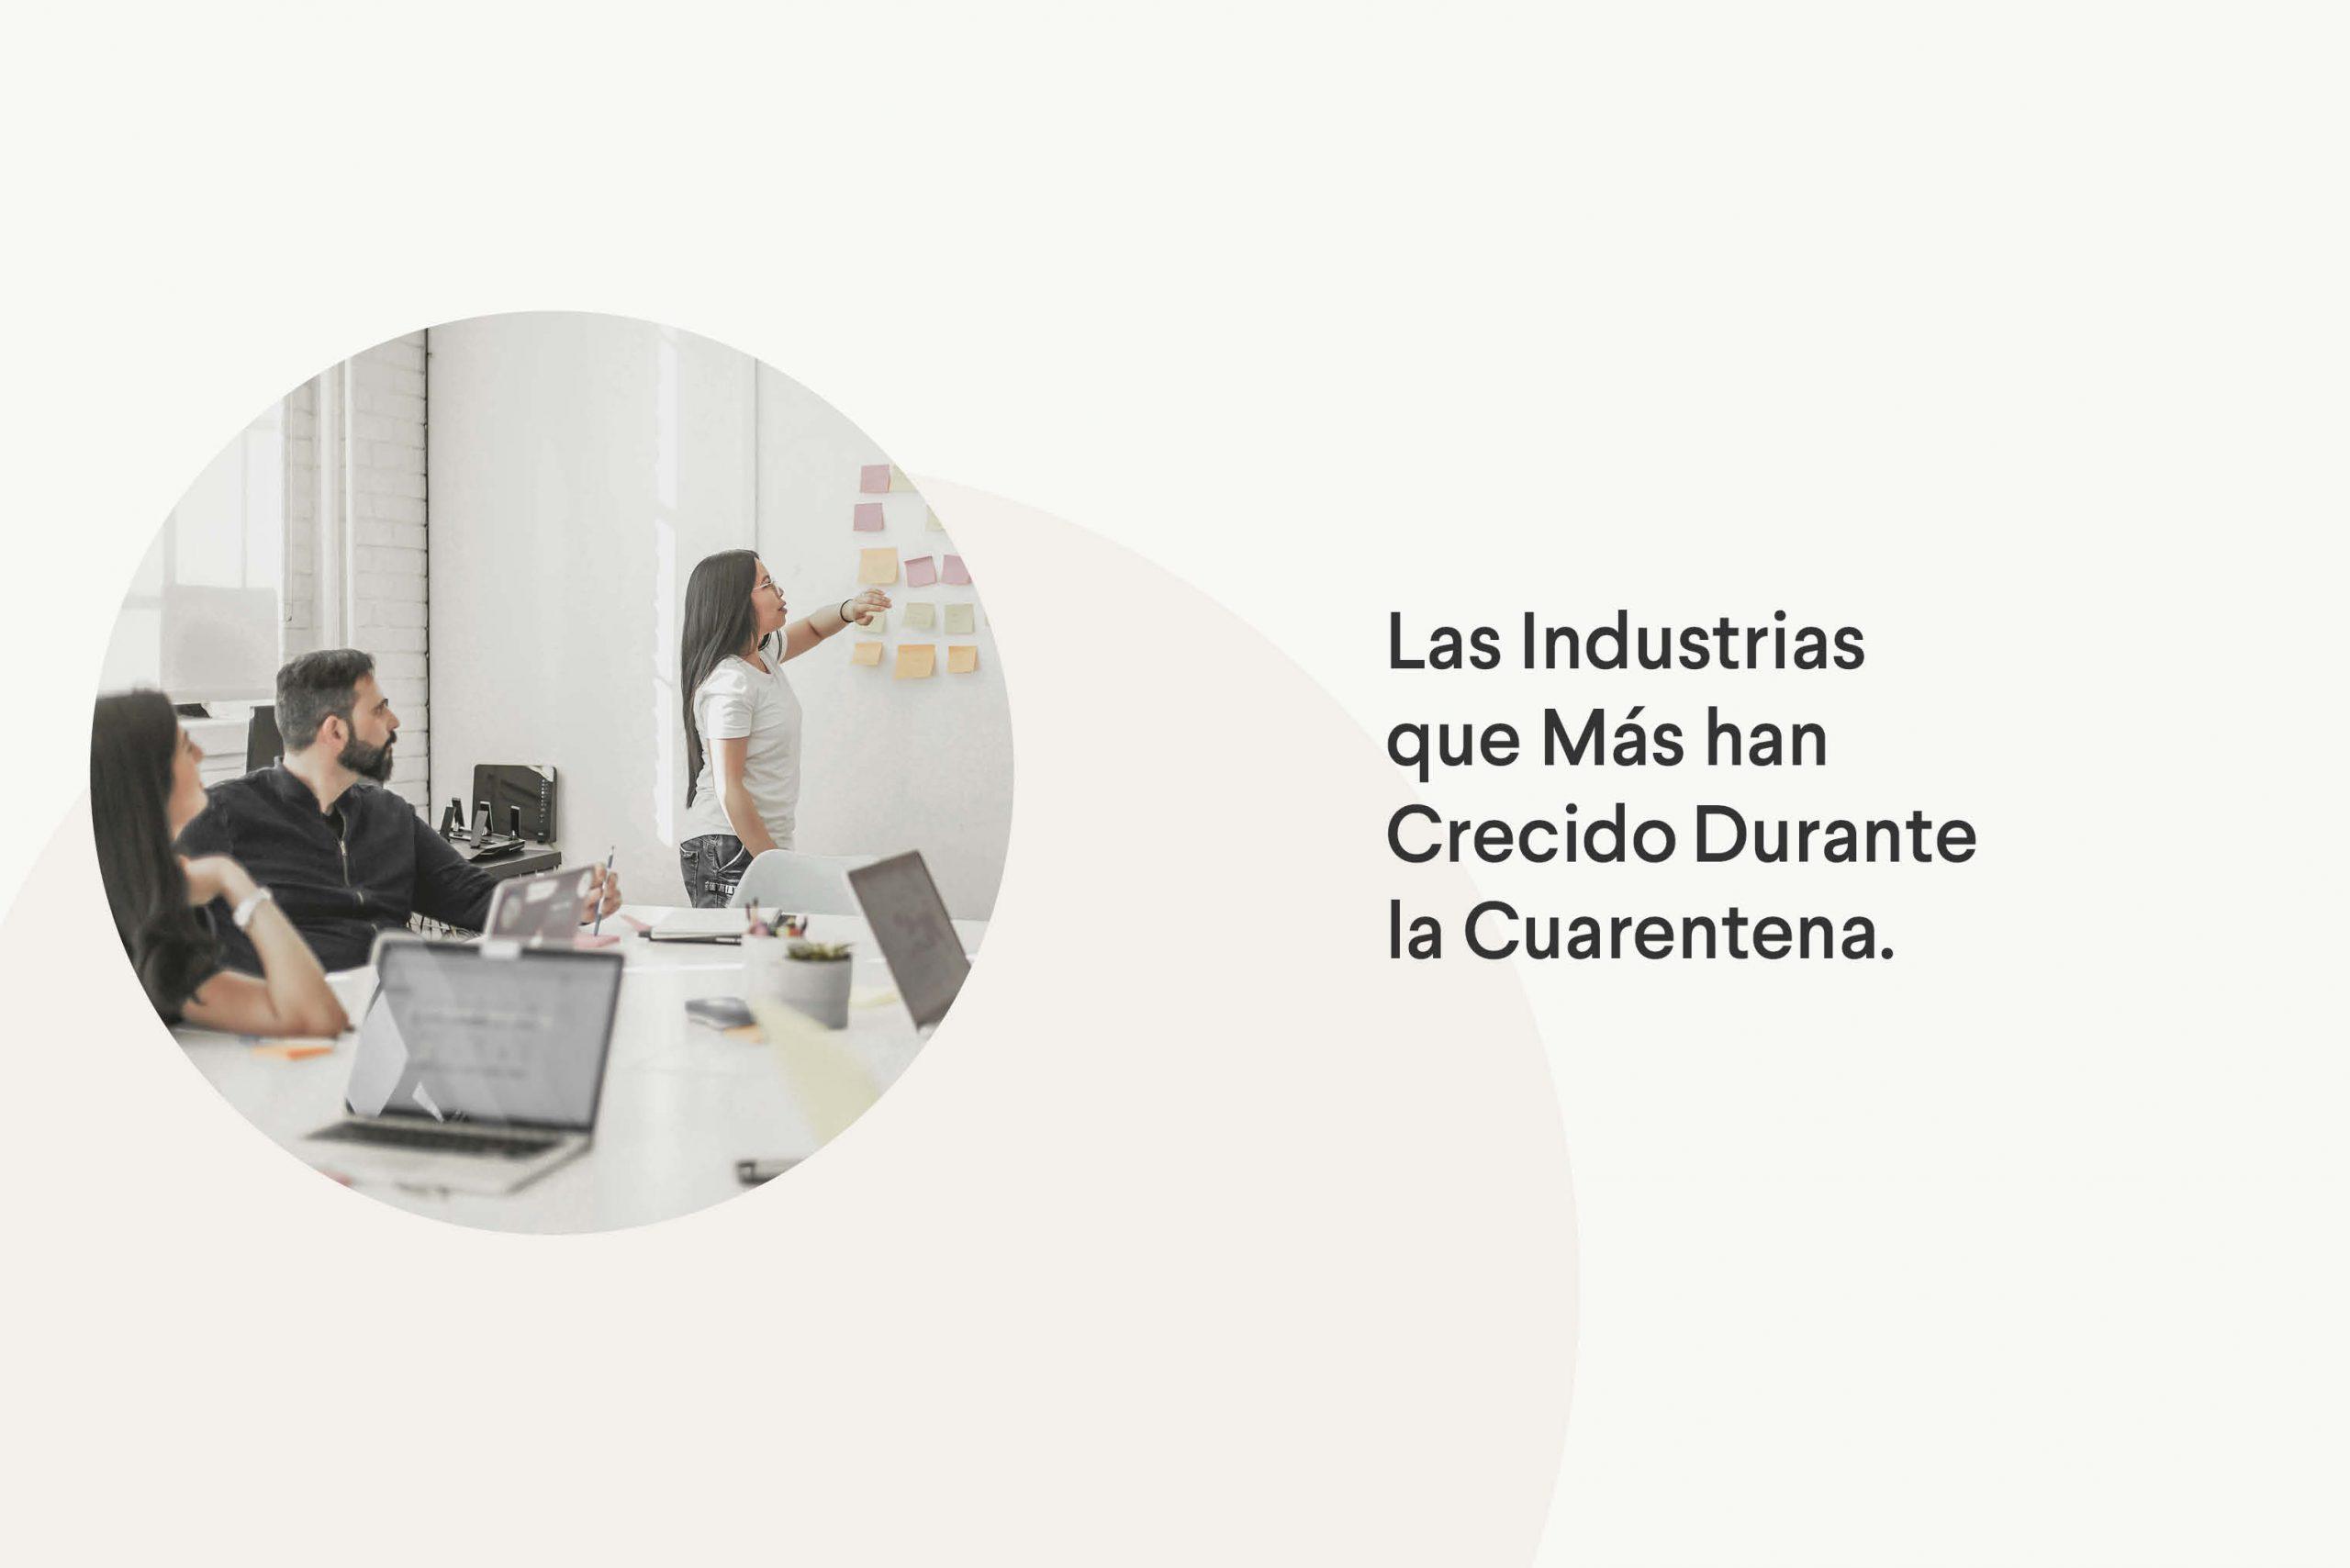 Las industrias que más han crecido durante la cuarentena